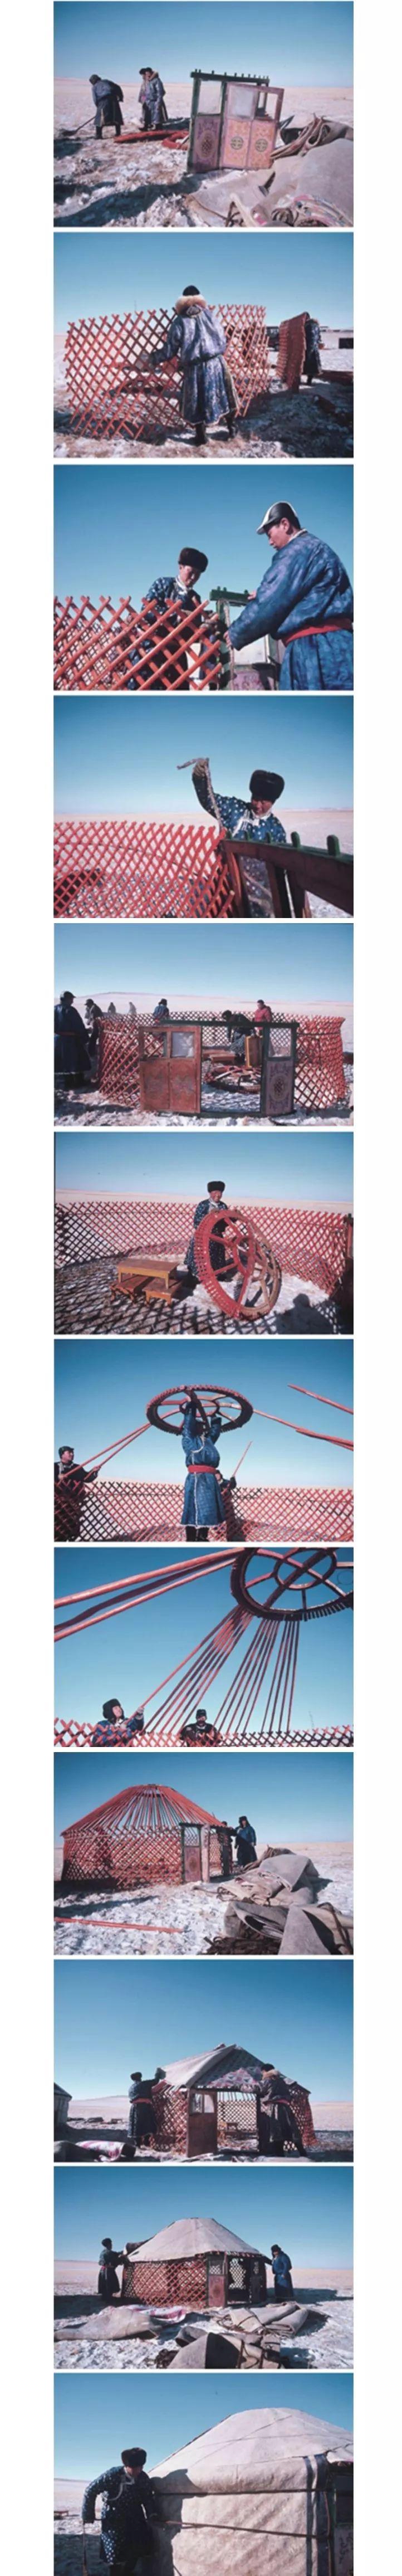 内蒙古蒙古包设计大赛征集 第15张